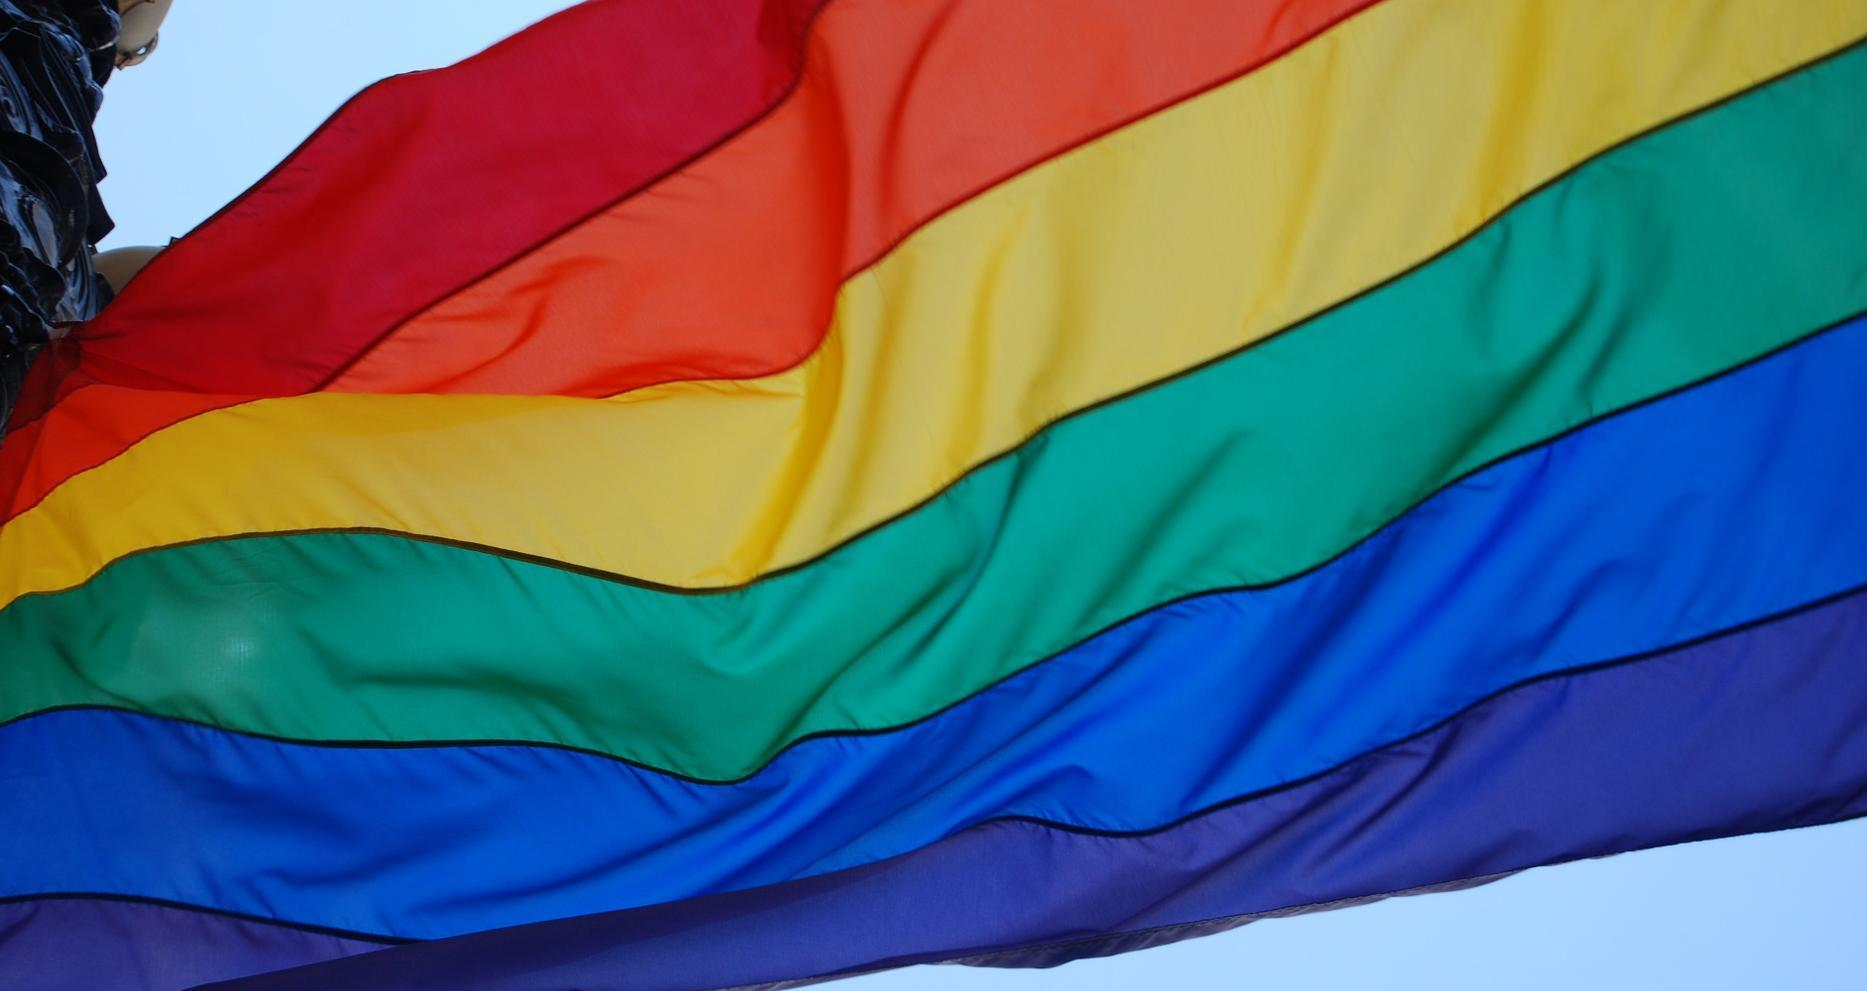 pride-828056_1920